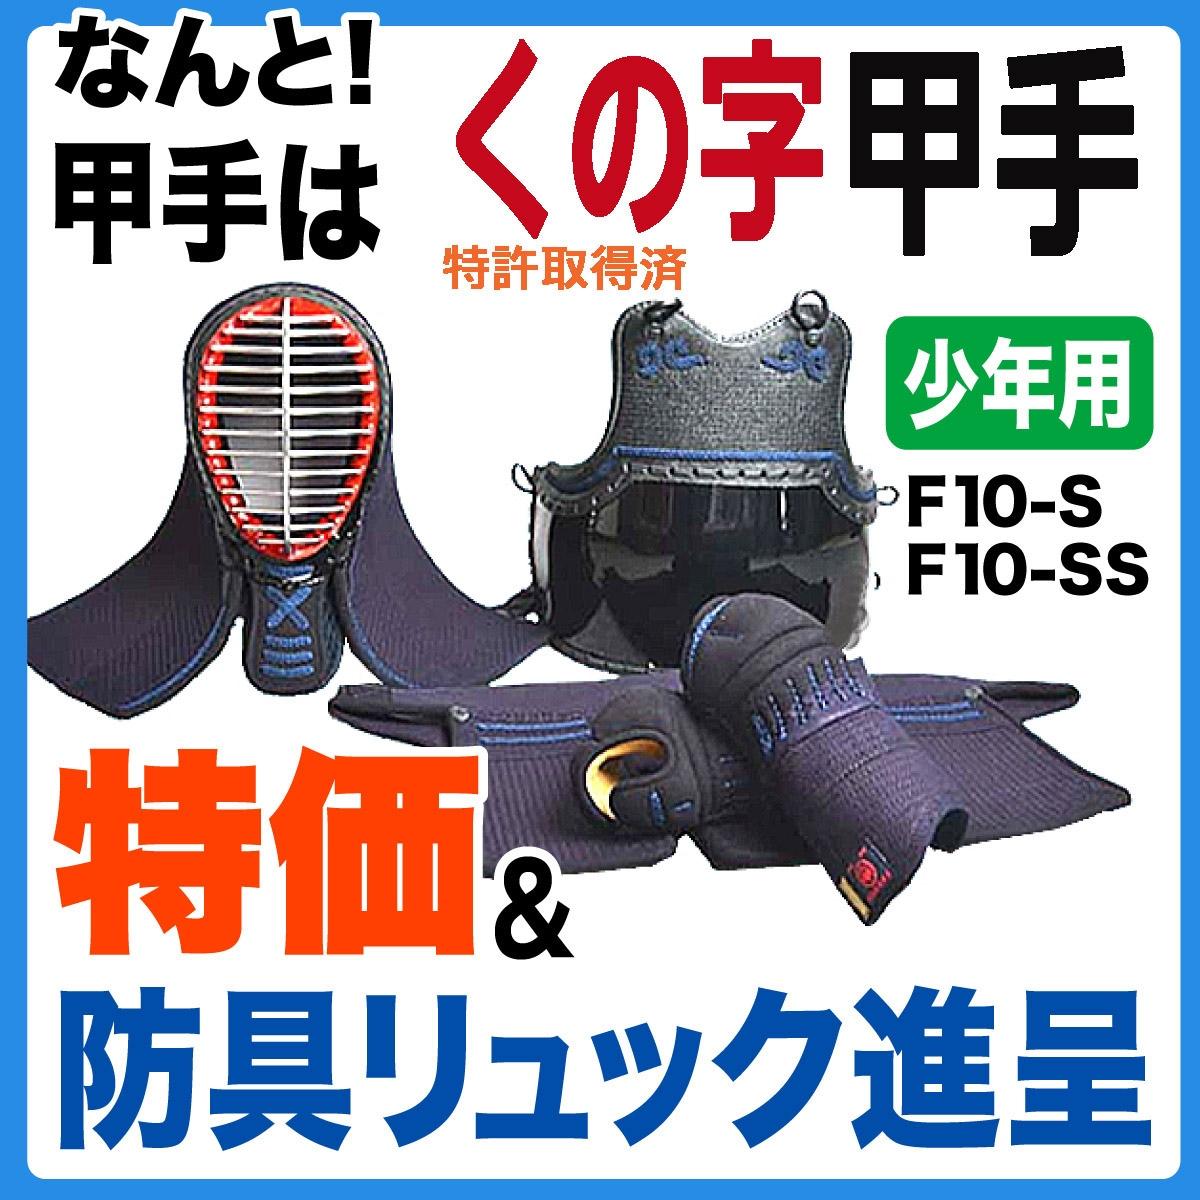 少年用防具セットよしのぼりSS Sサイズ